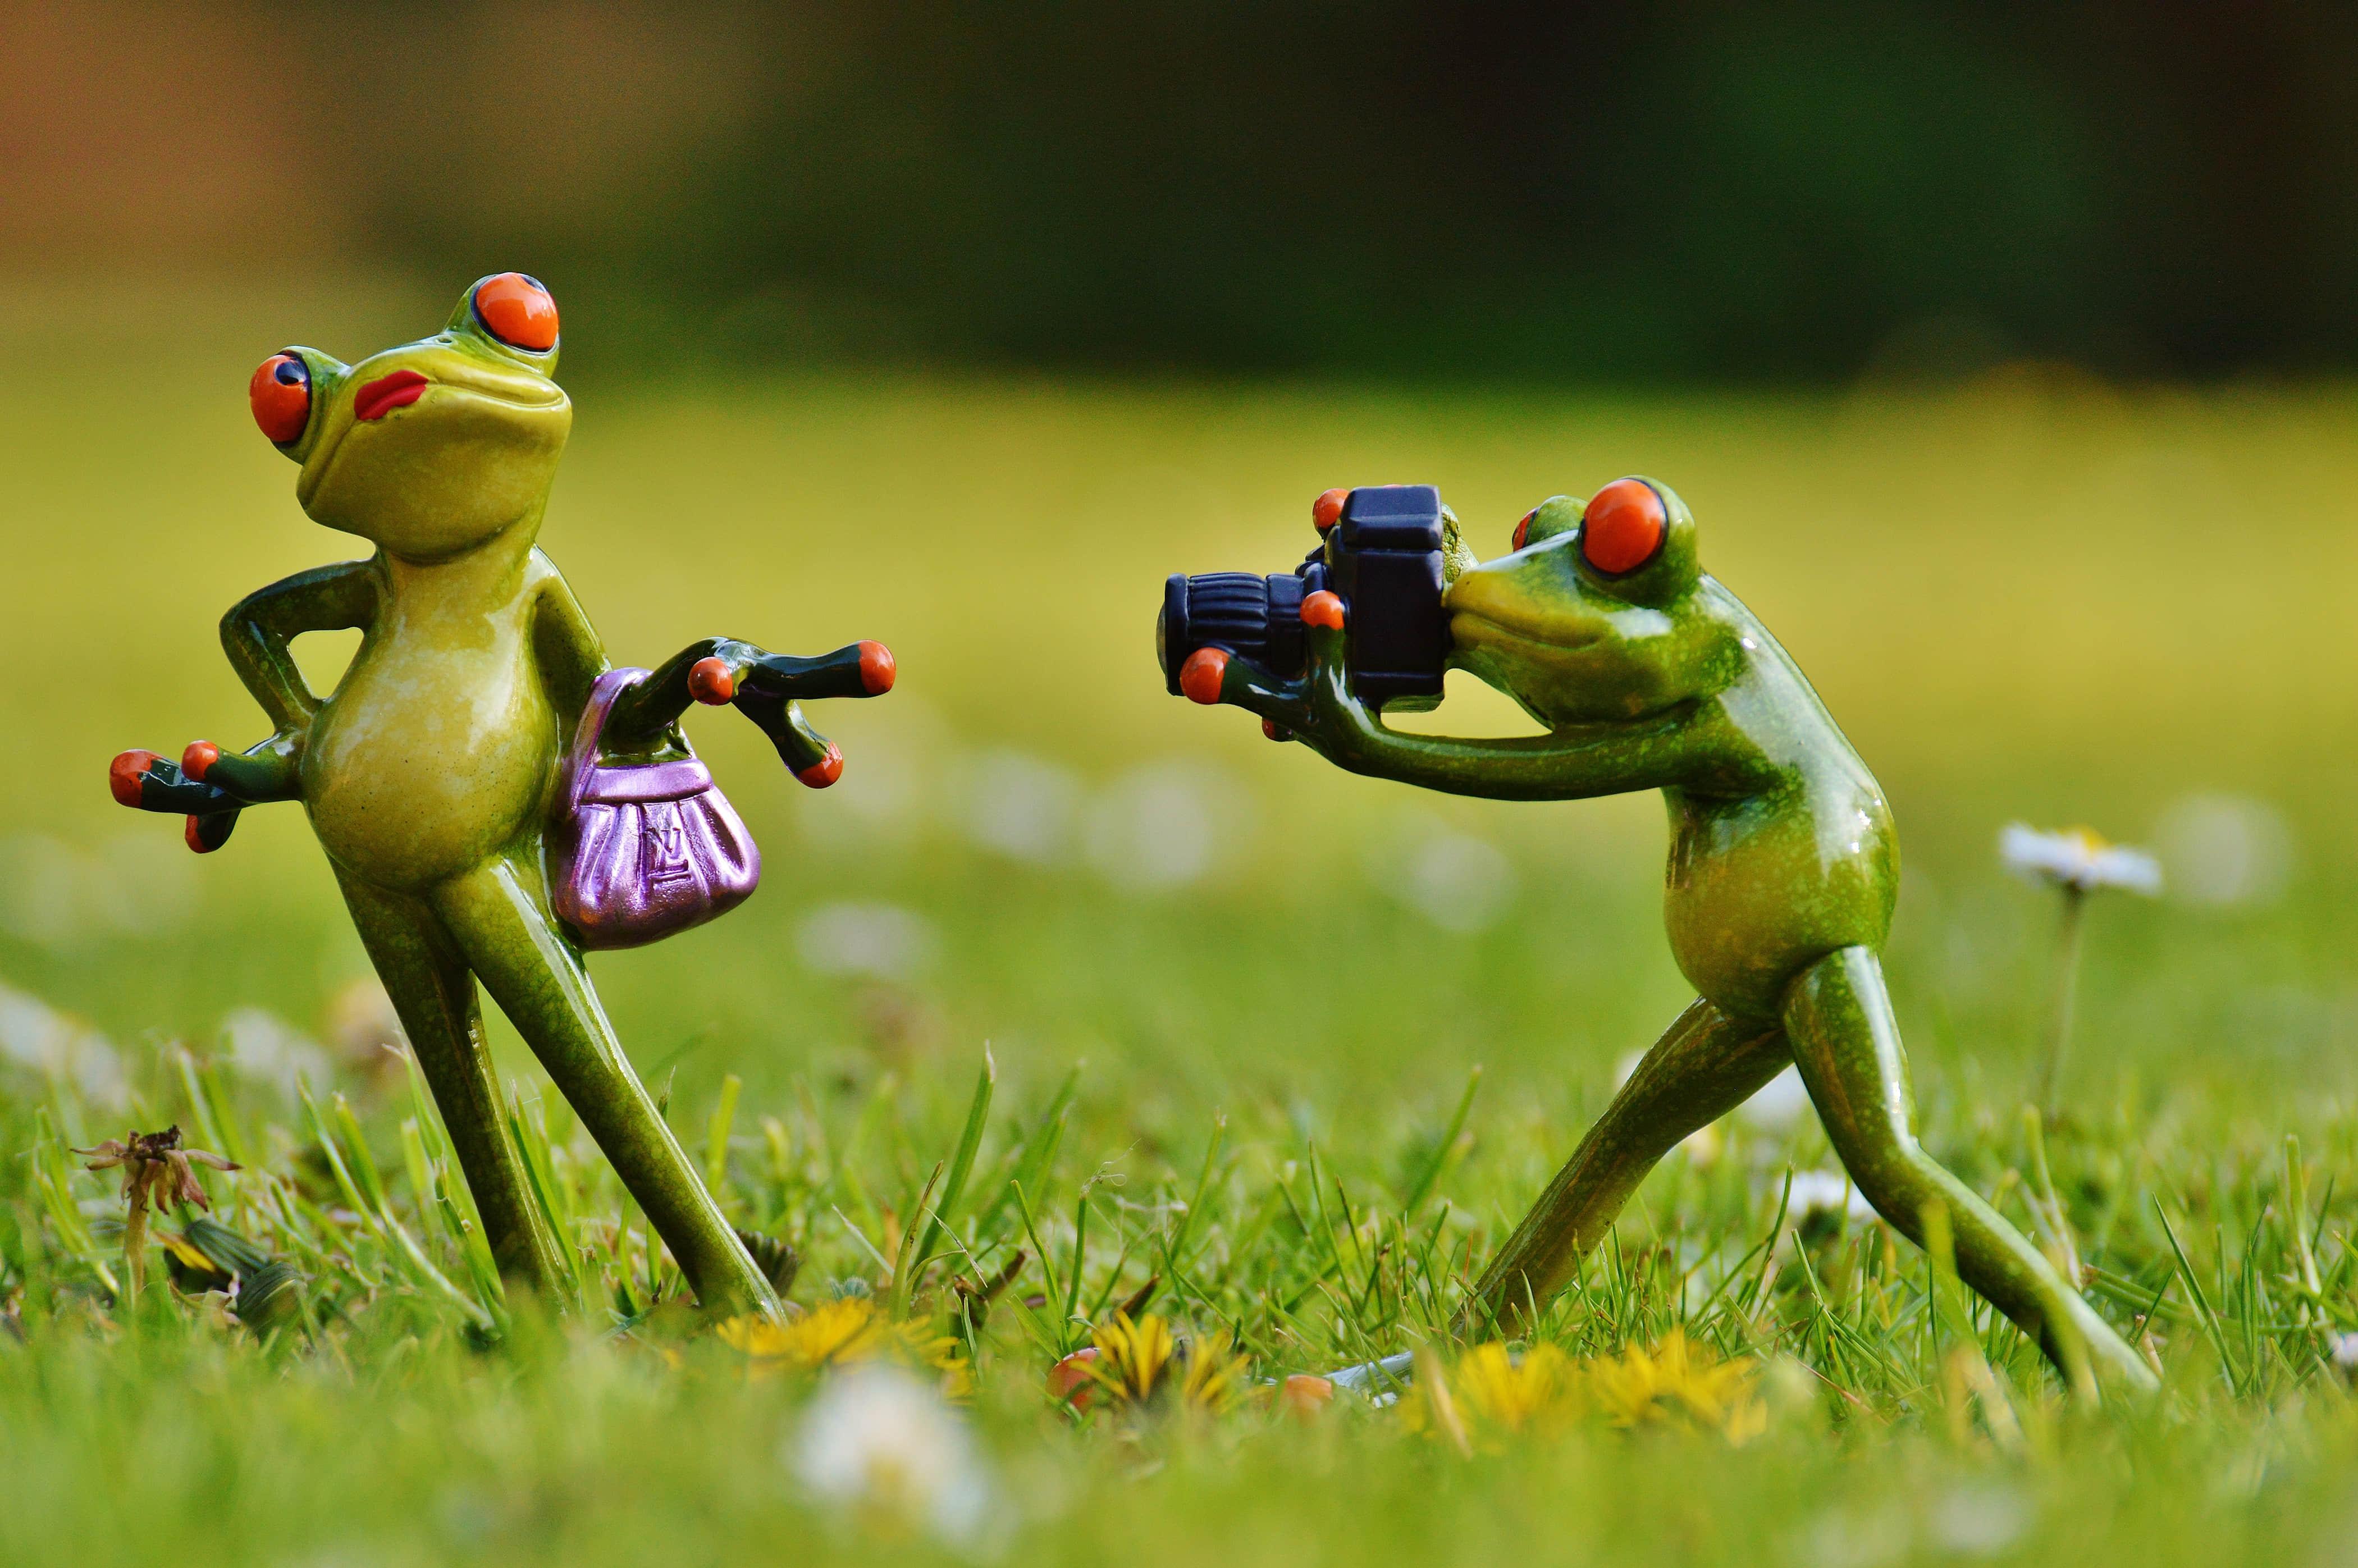 青蛙 摄影师 可爱 有趣 4K壁纸_彼岸图网